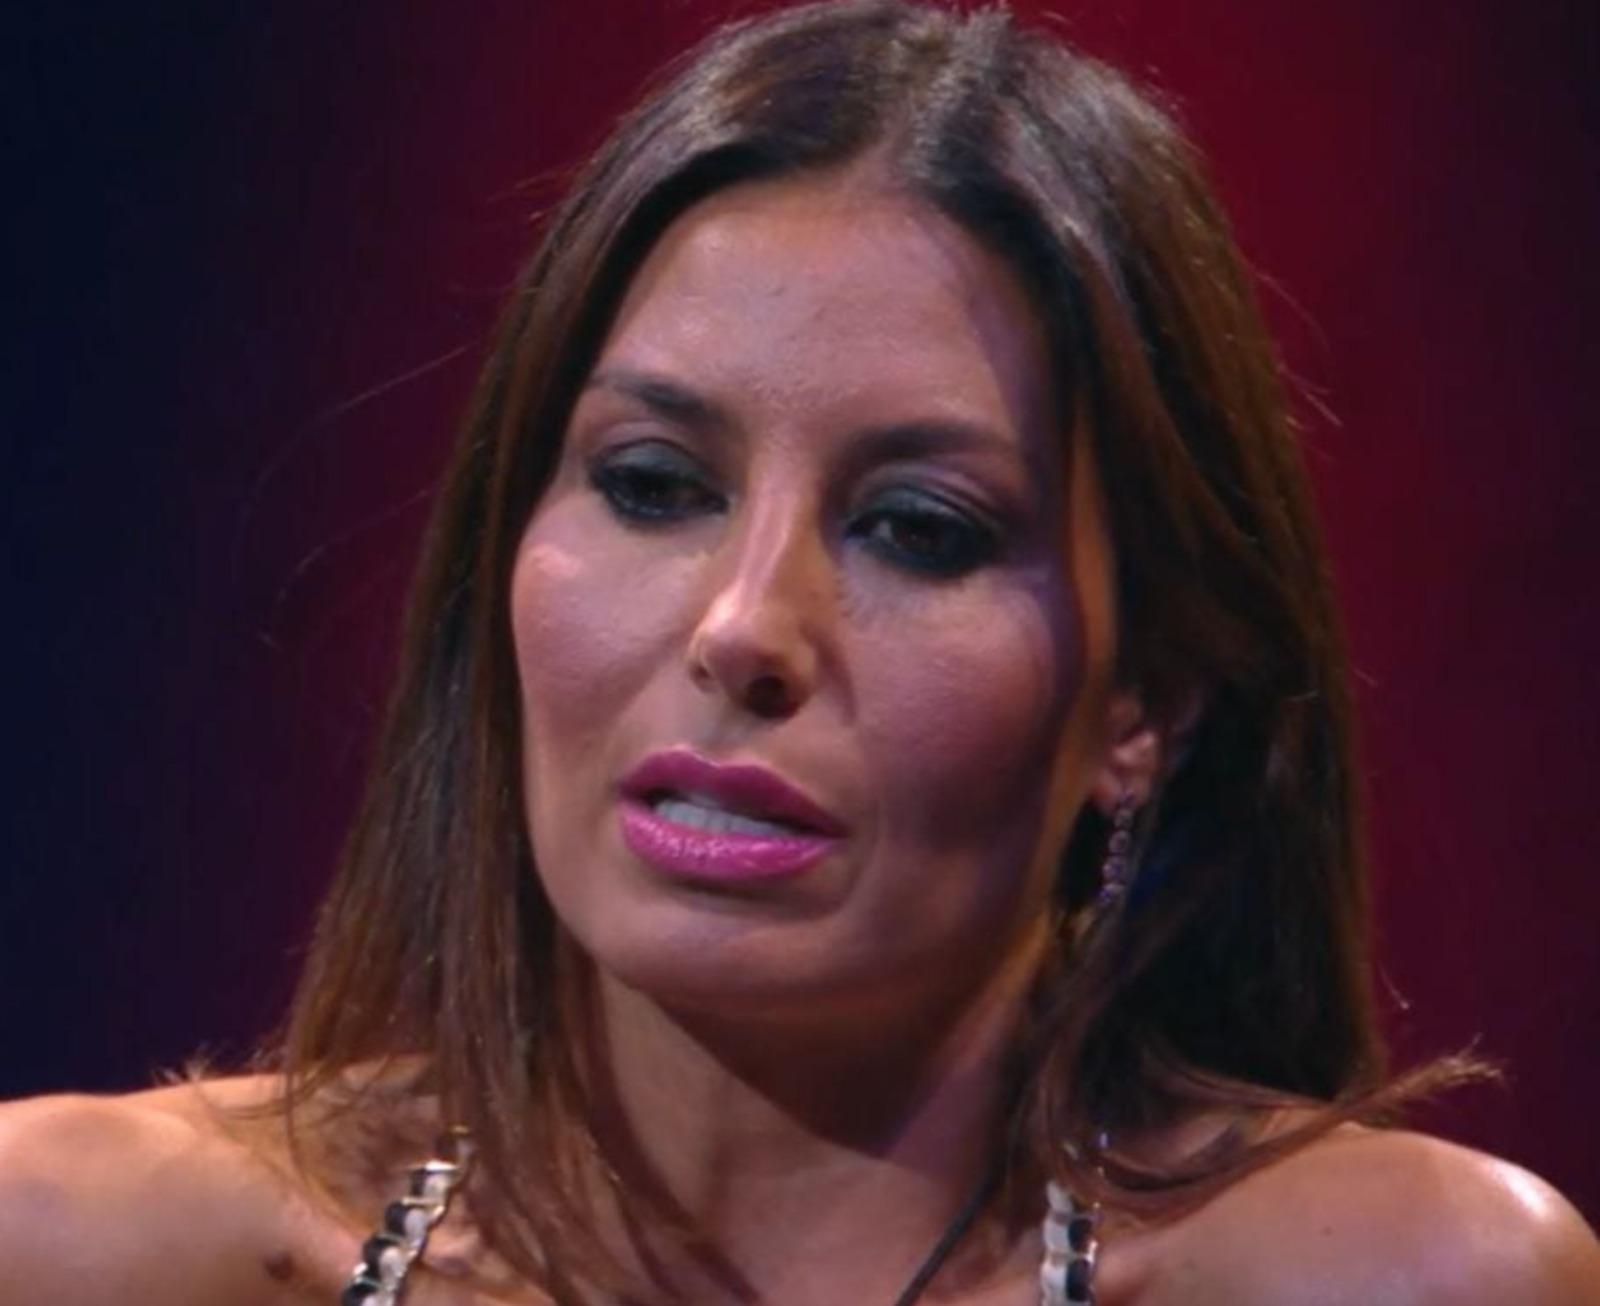 elisabetta gregoraci accuse tradimento briatore mino magli